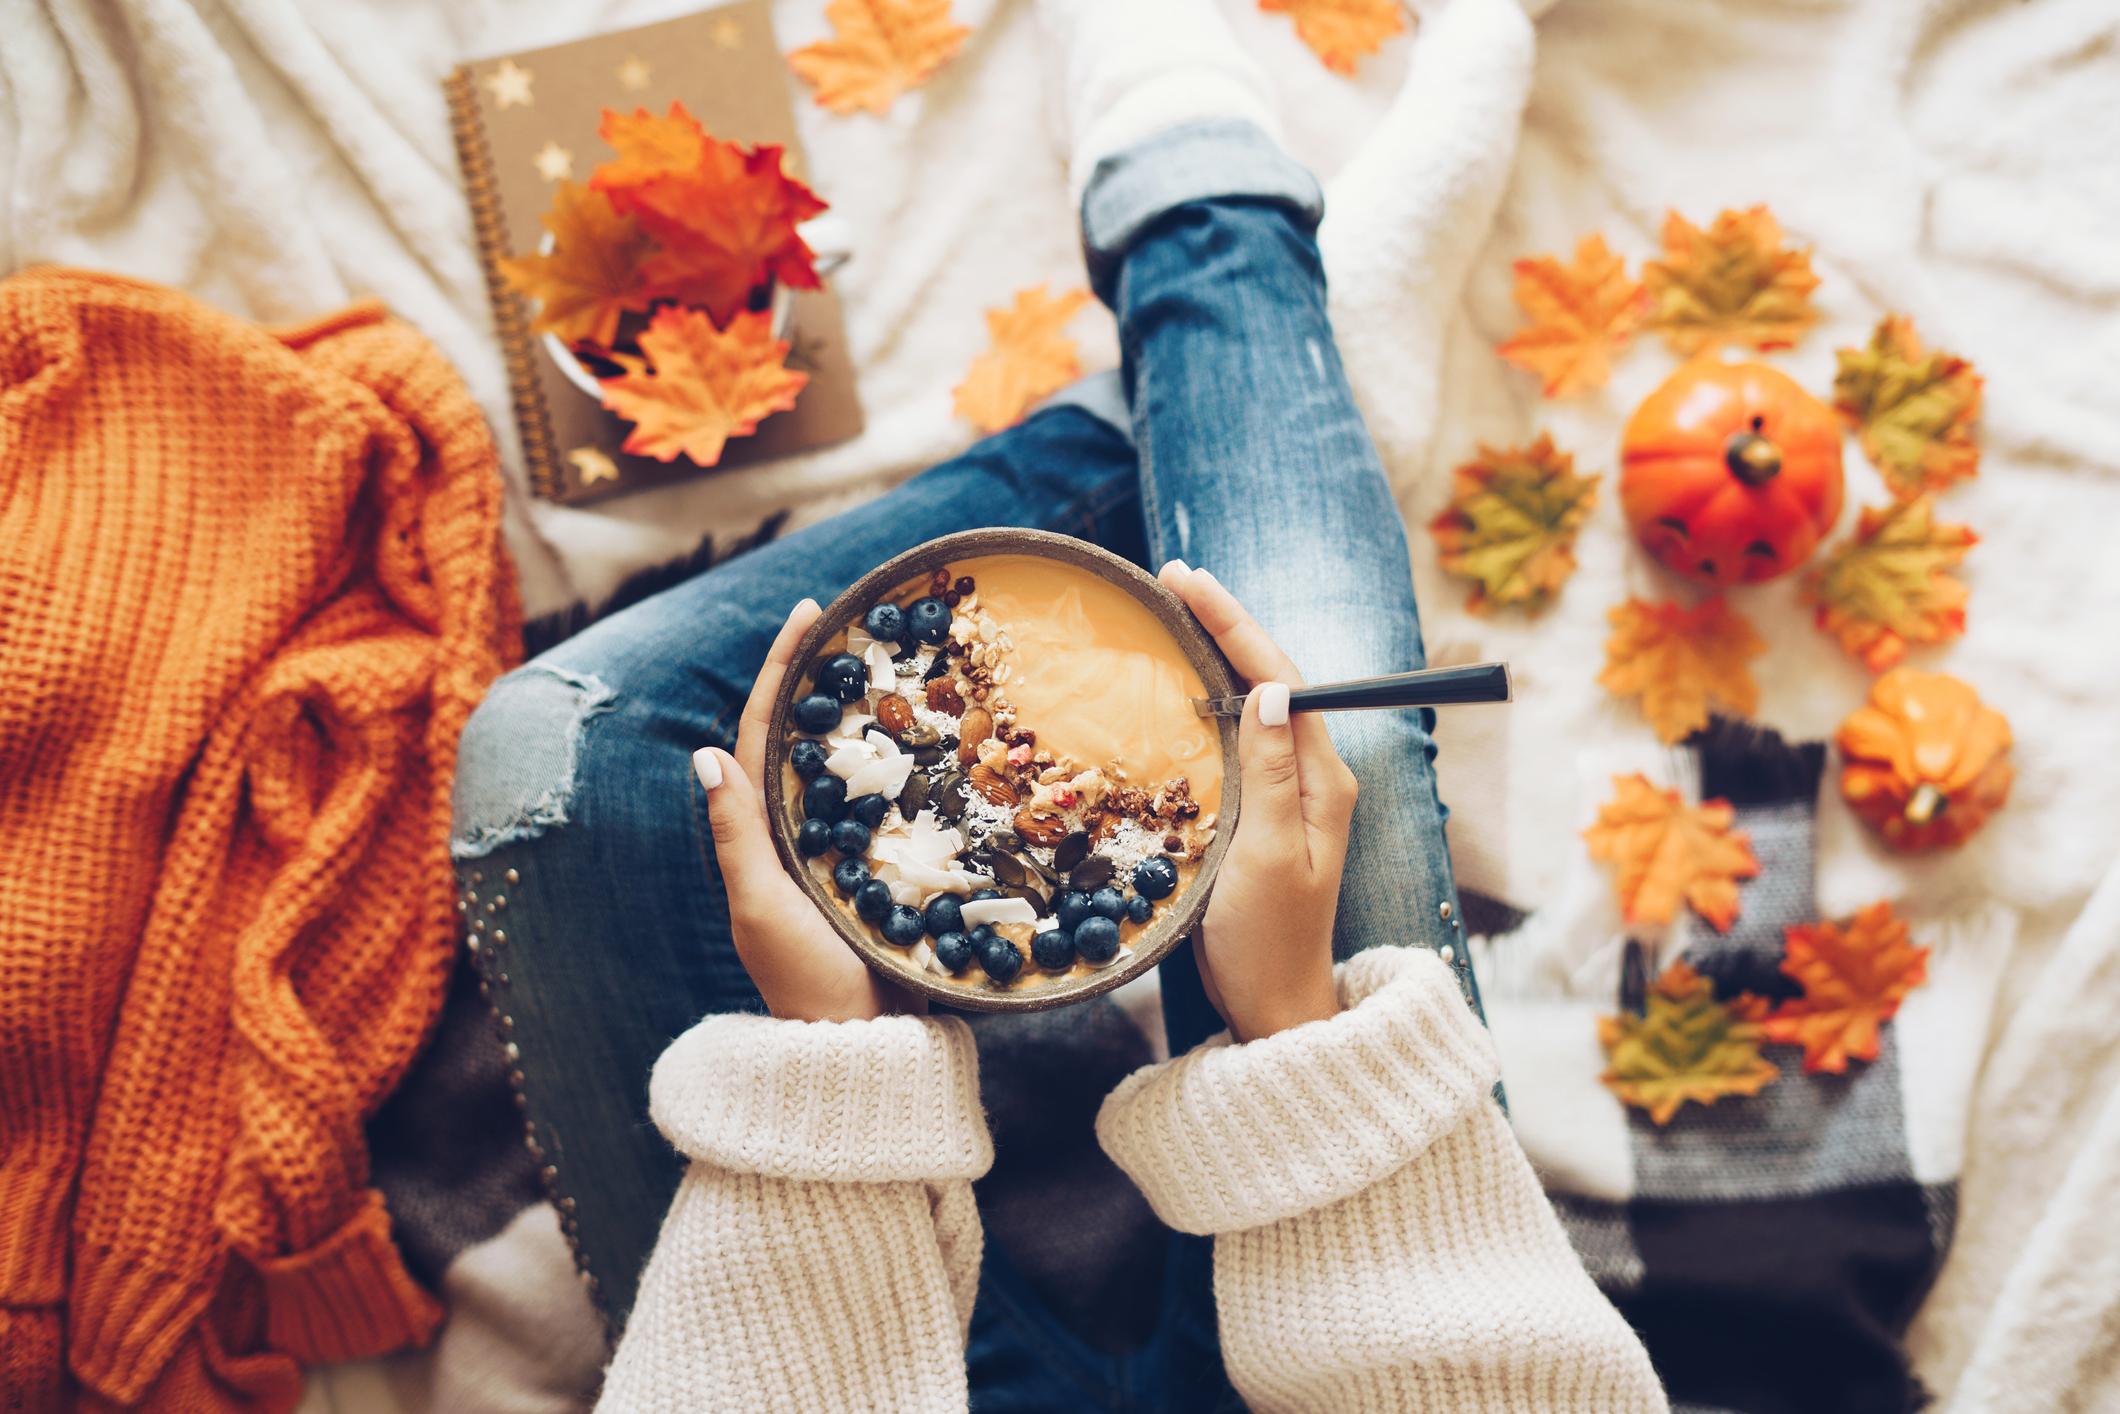 Bobice su bogate vitaminima, antioksidansima i flavonoidima te su odličan izbor zdravog međuobroka.